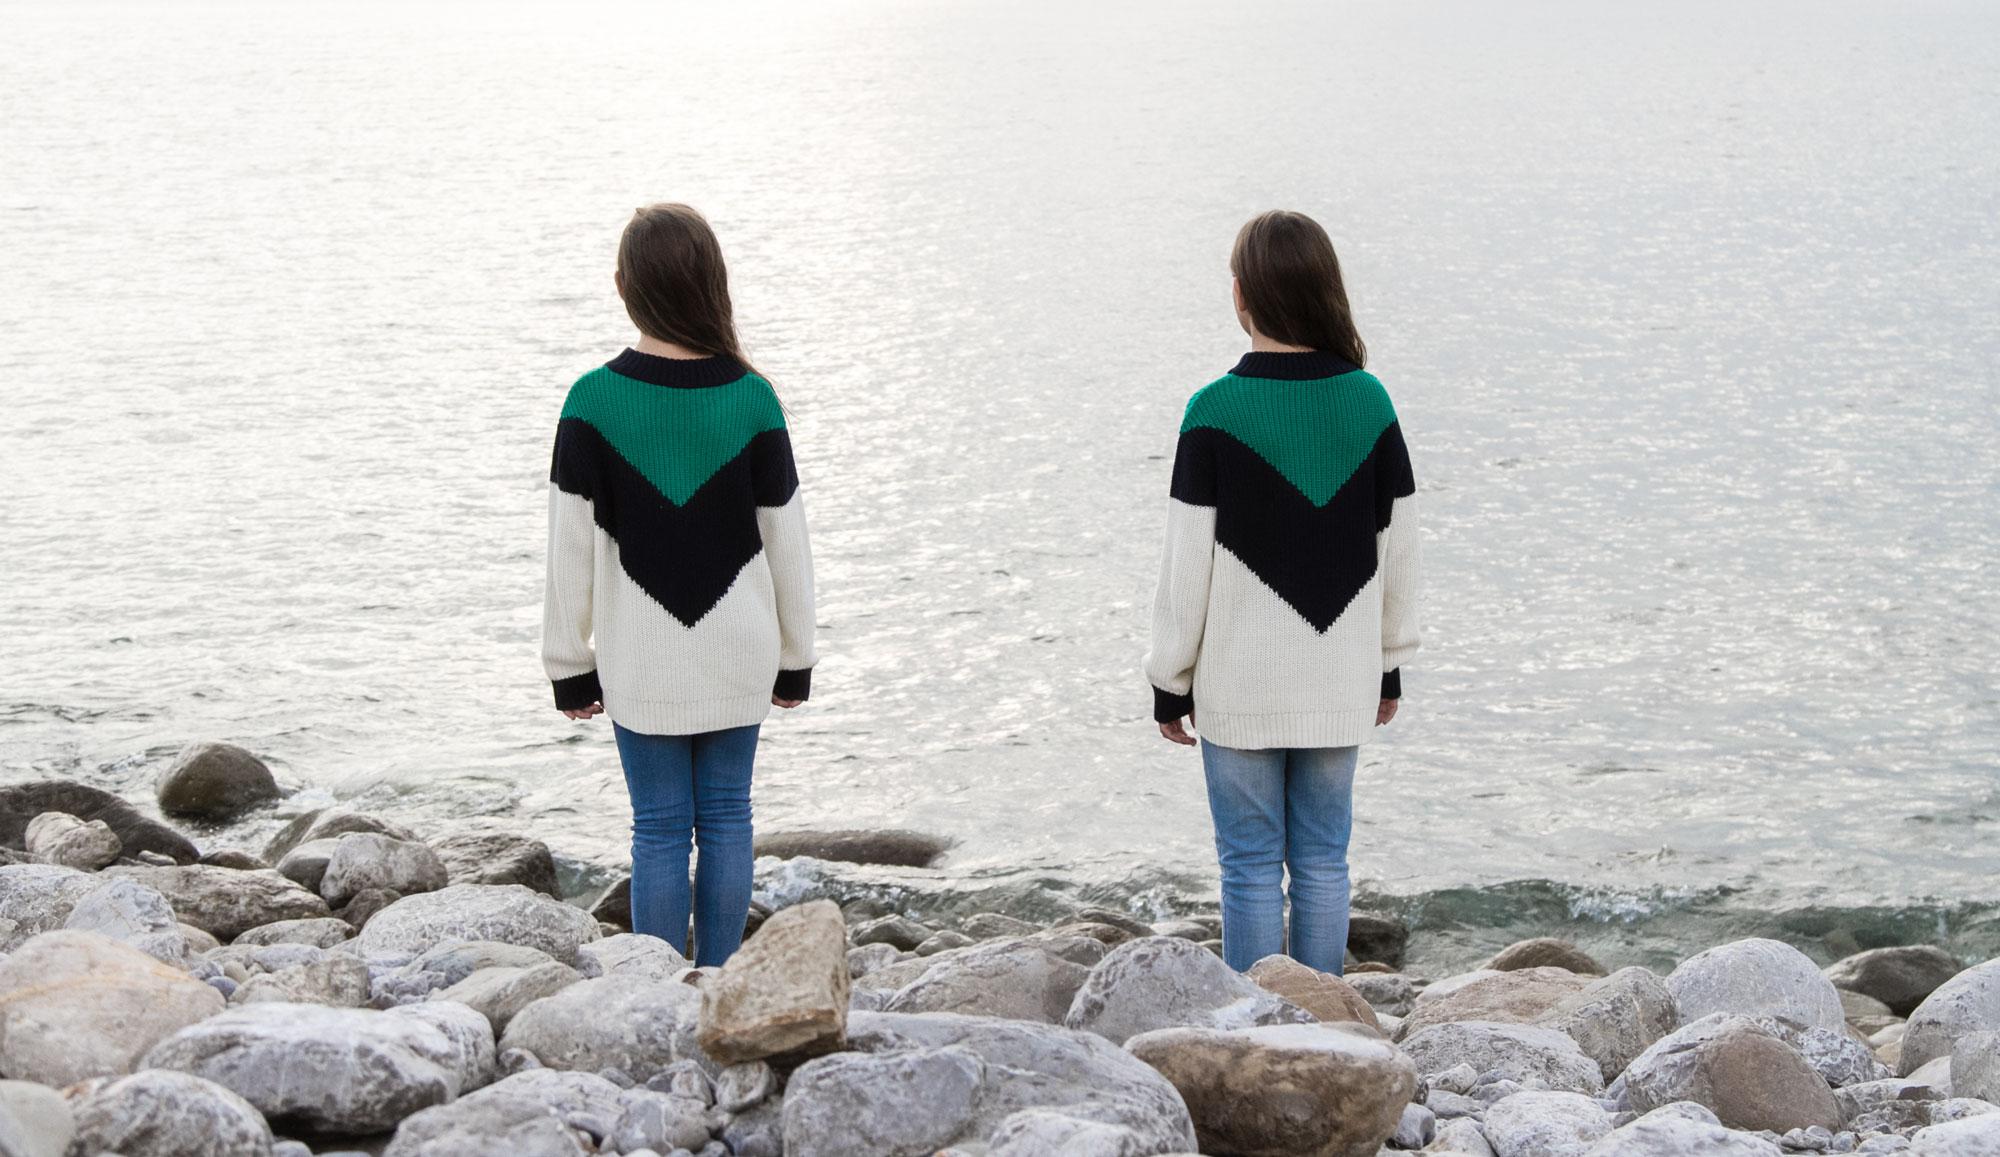 Twins portrait editorial by Maria Santos - Fotografía creativa en Ibiza